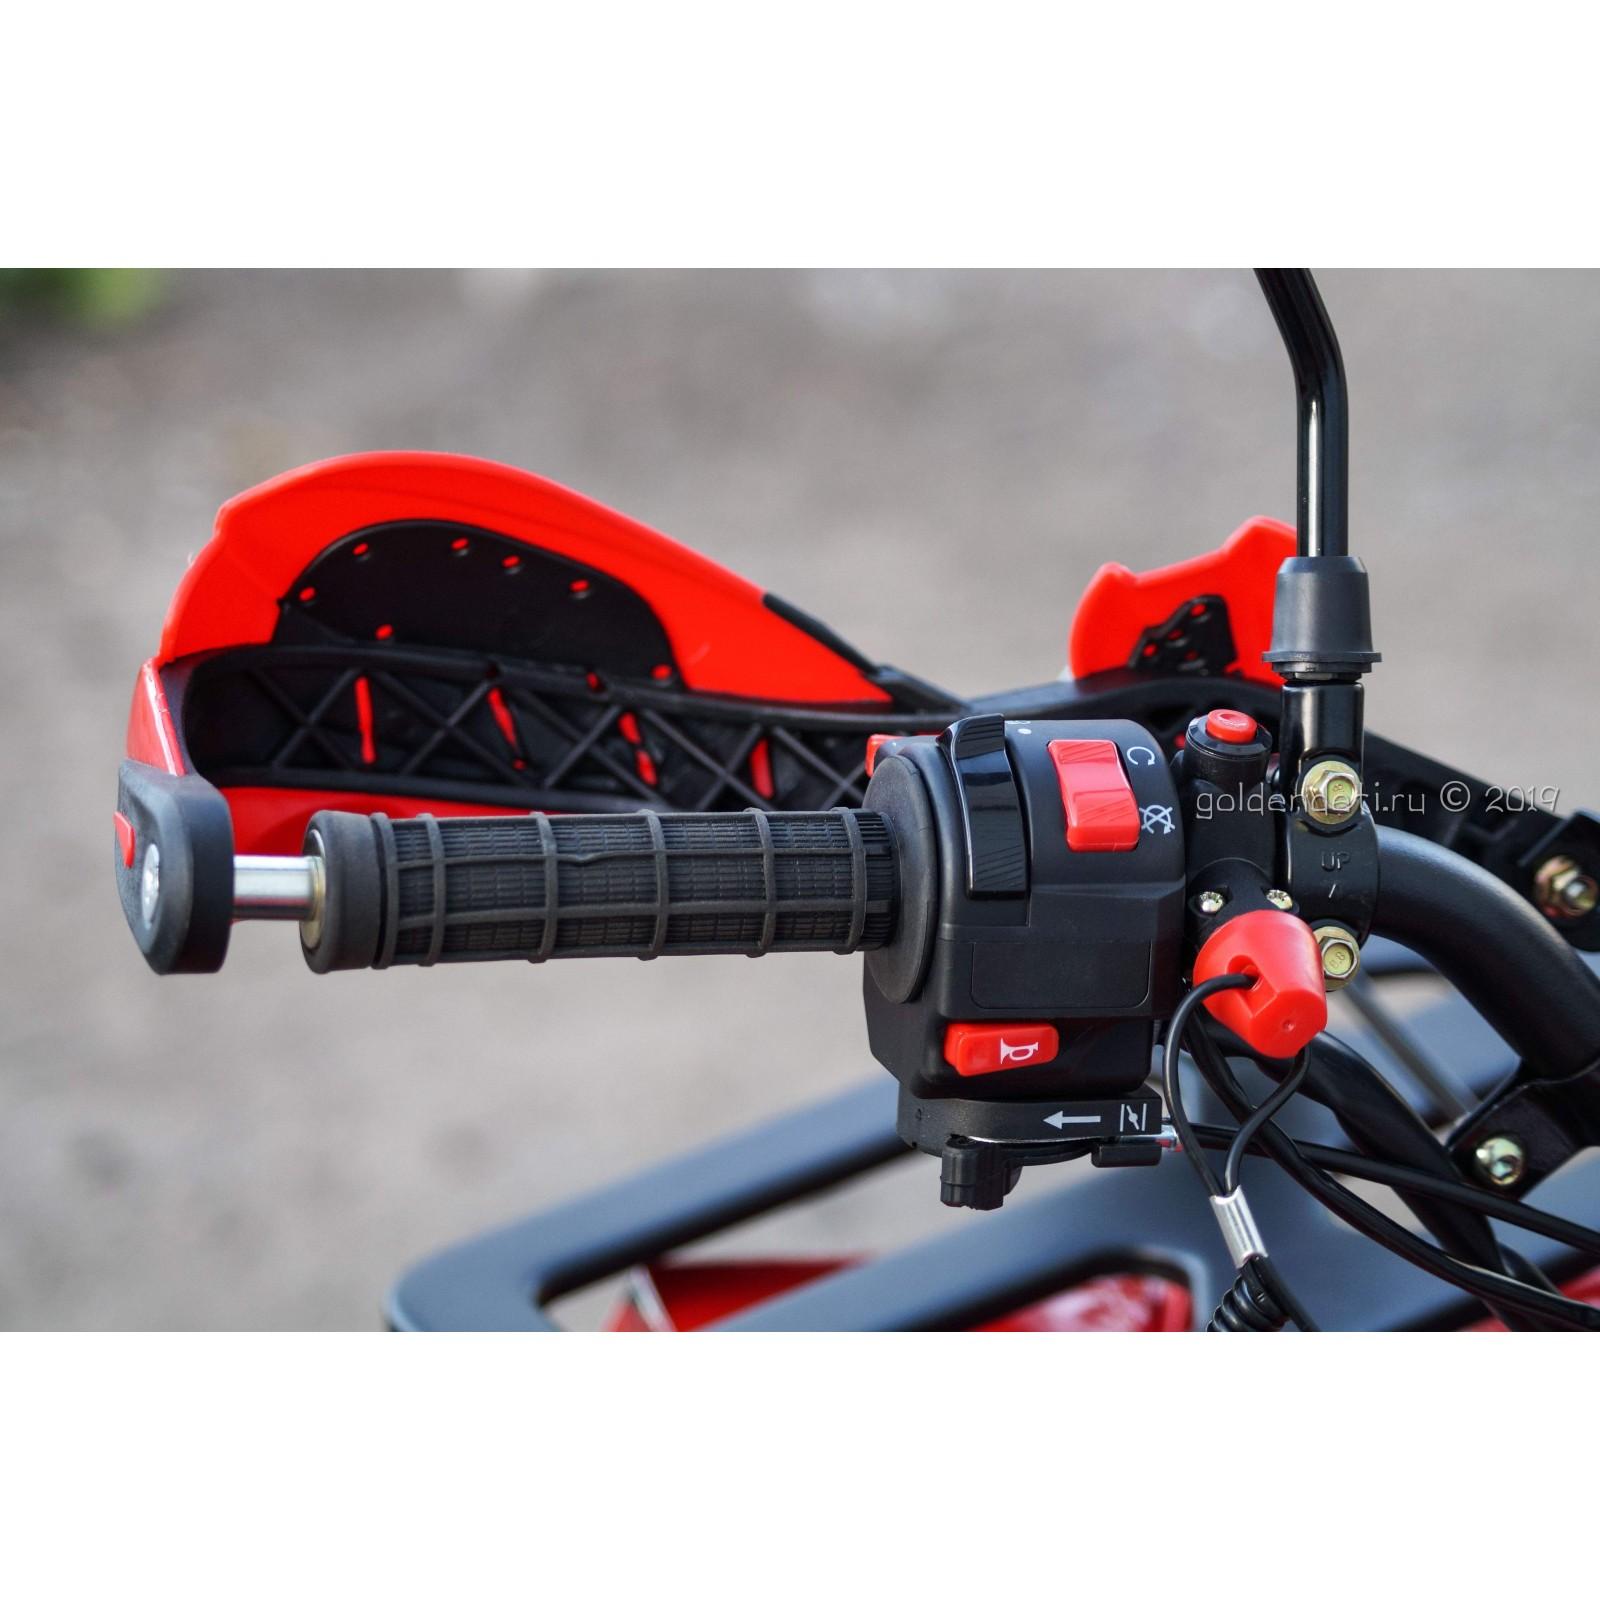 Квадроцикл WELS EVO ST (2021)